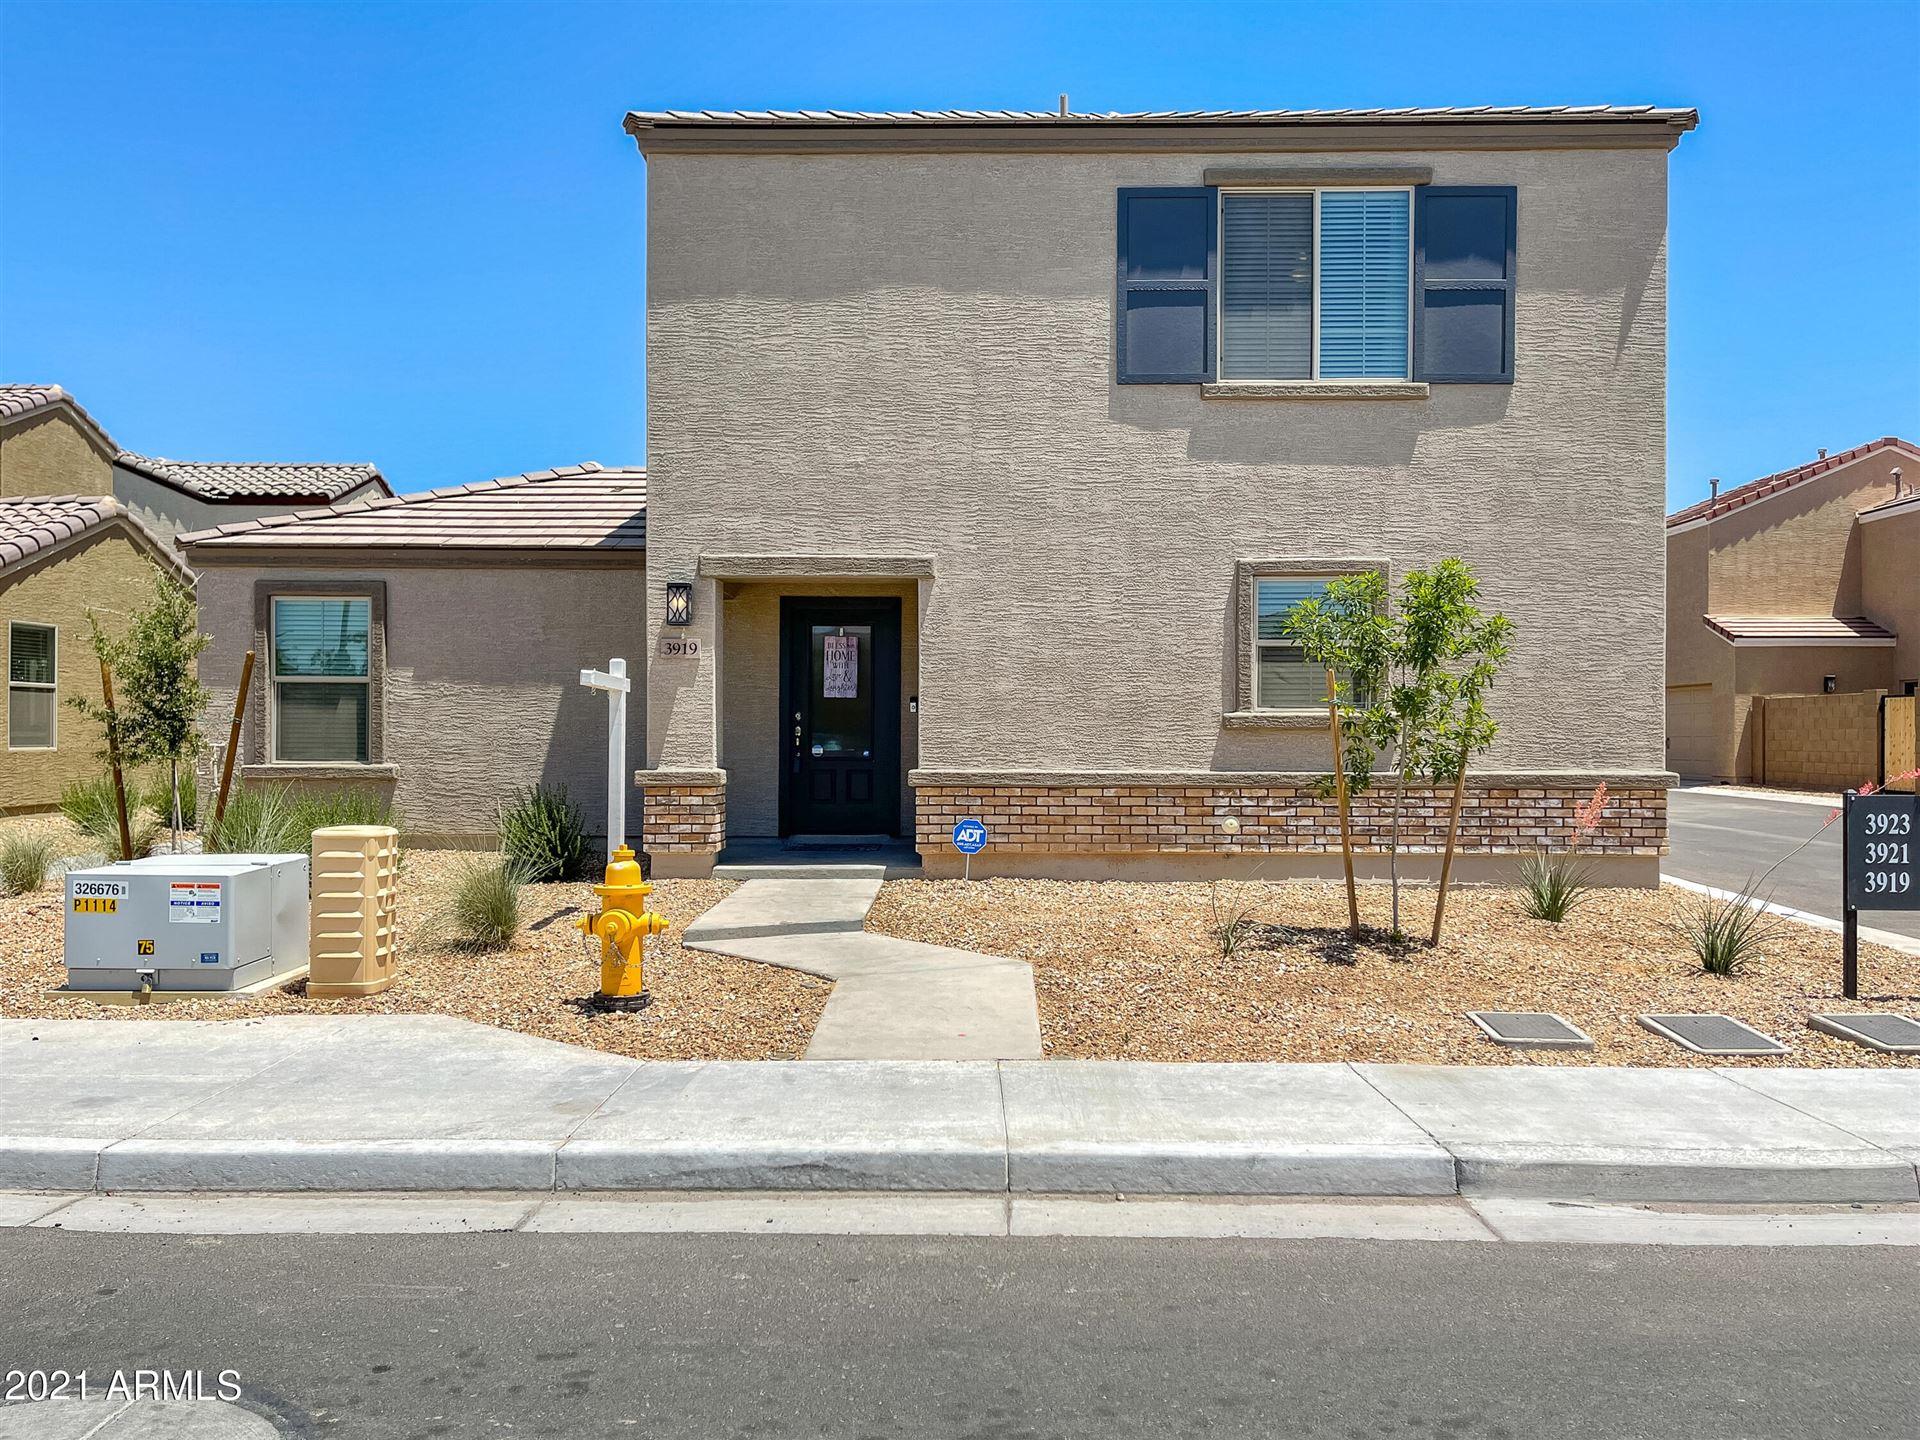 3919 S 79TH Drive, Phoenix, AZ 85043 - MLS#: 6236260